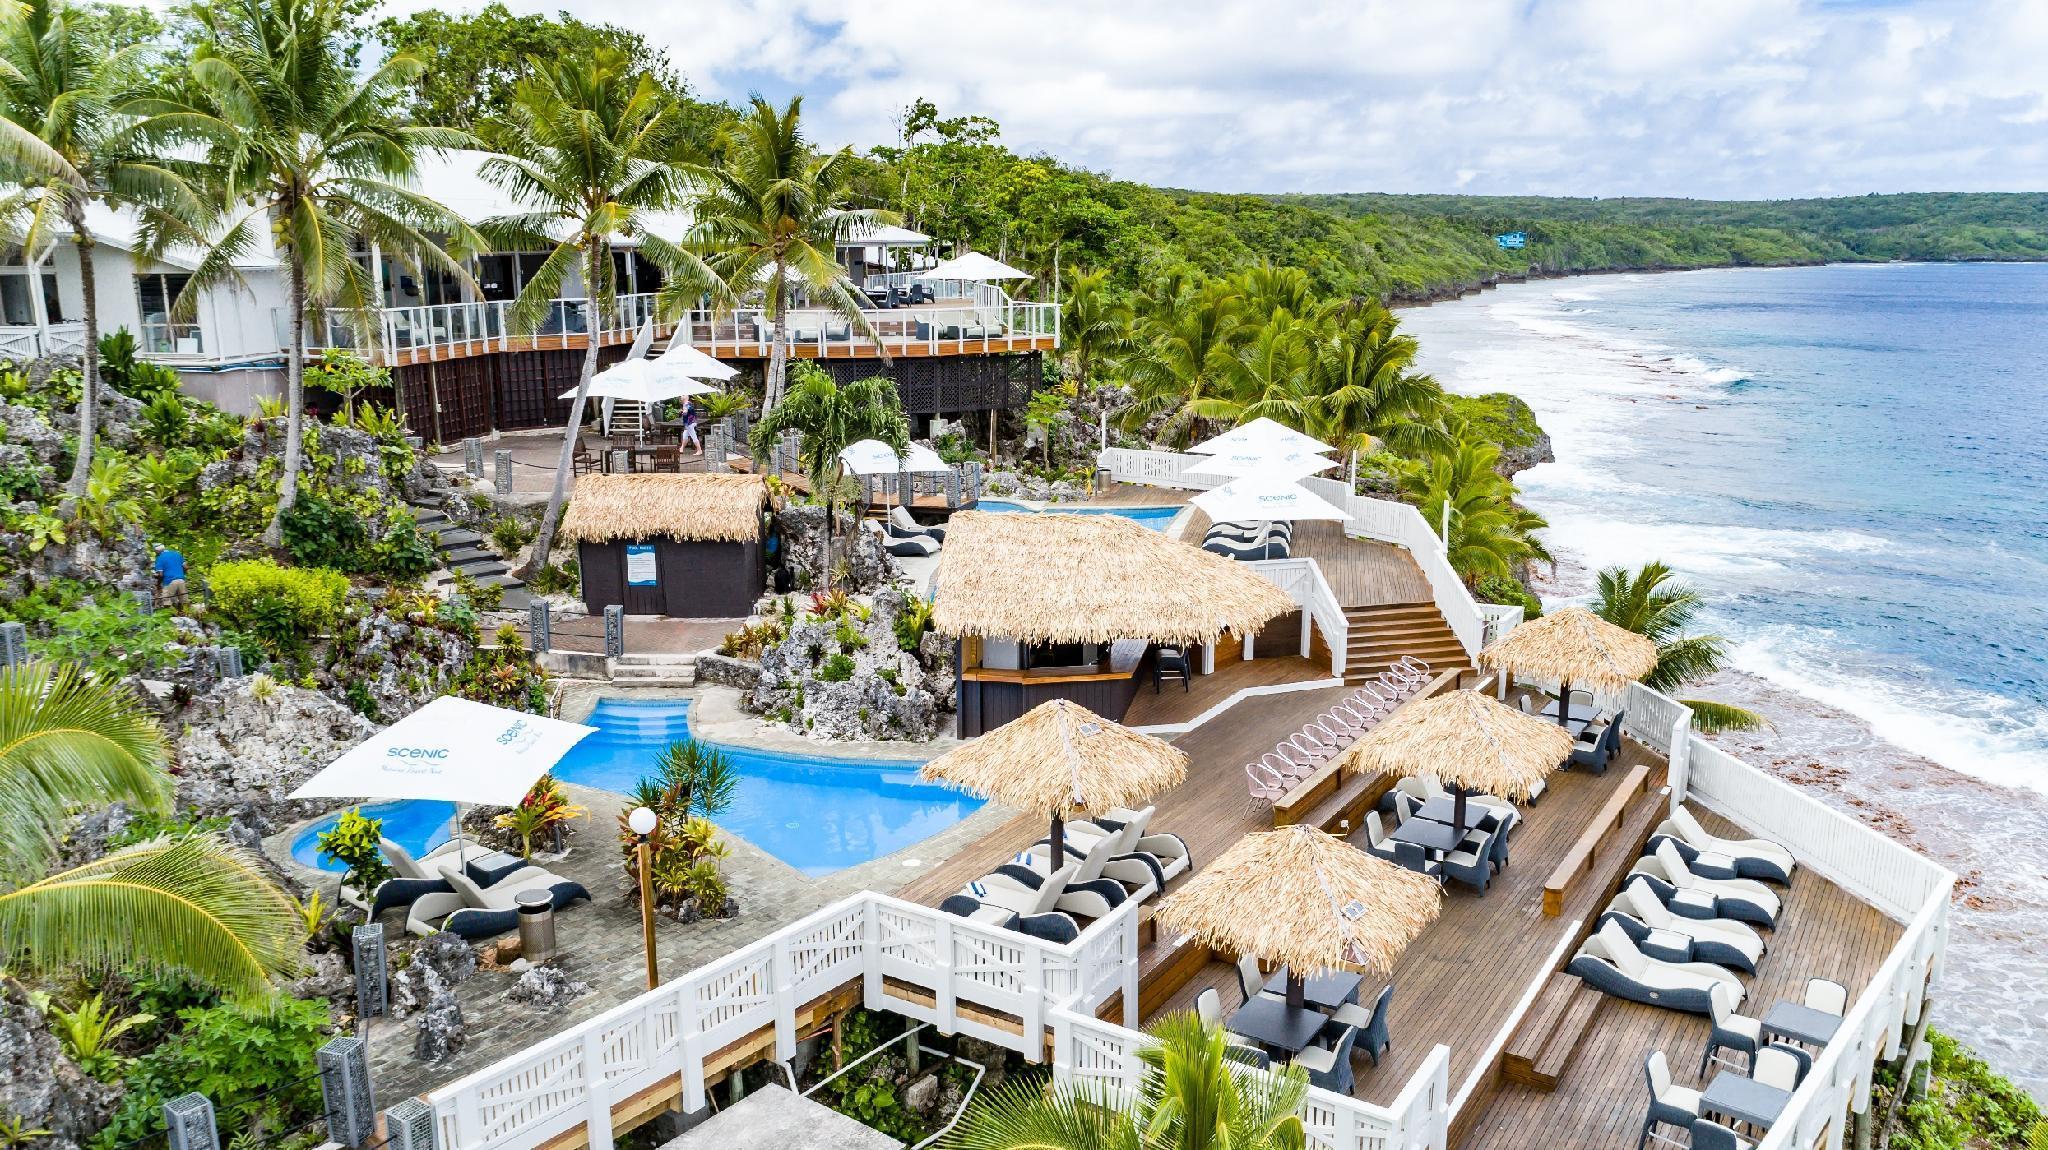 Scenic Matavai Resort